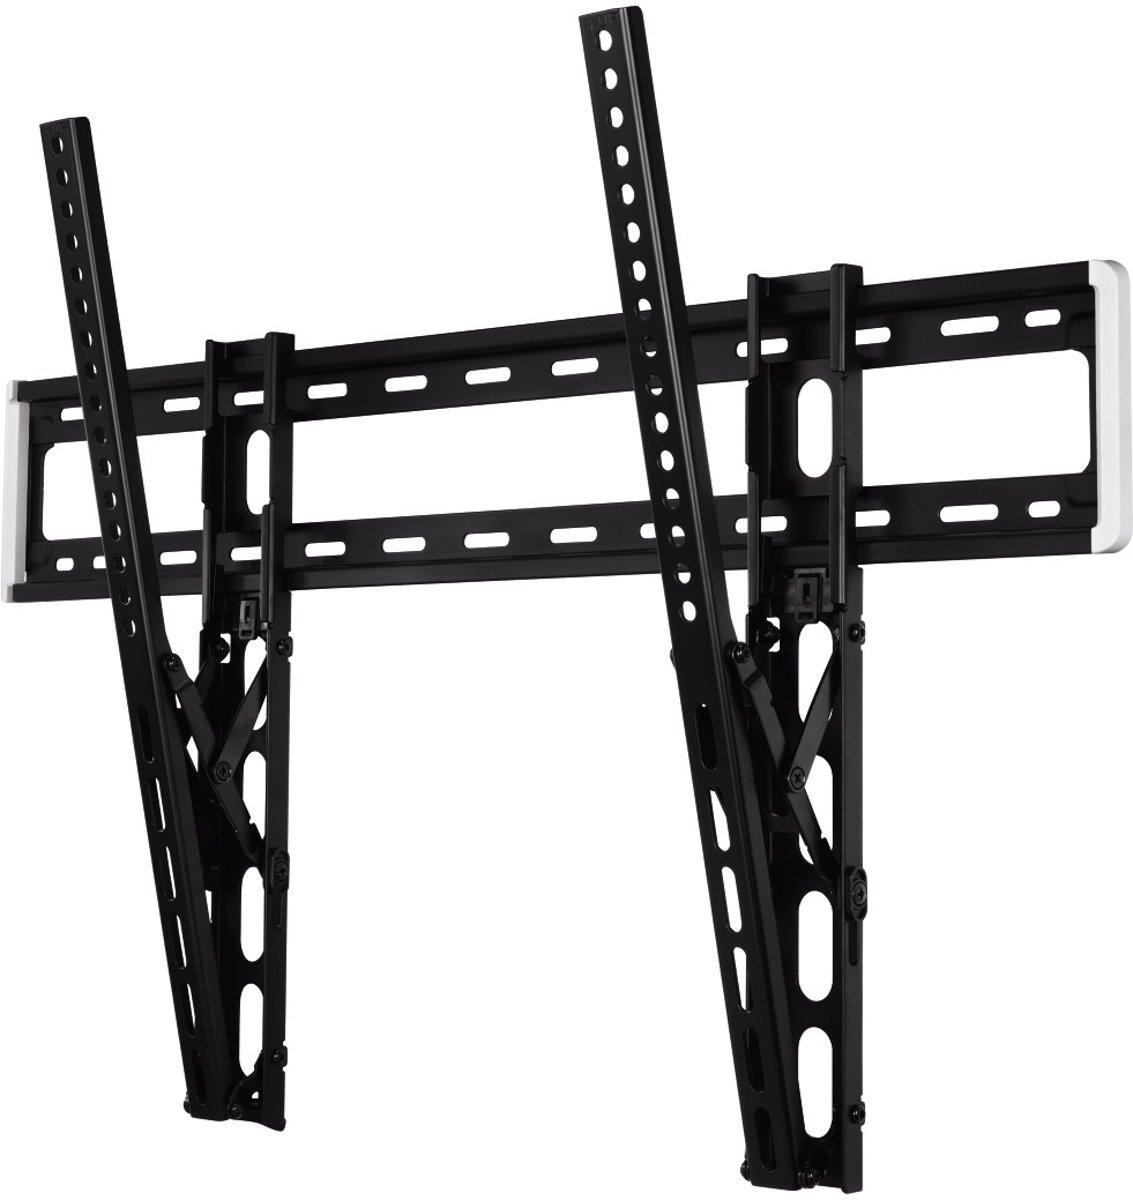 Hama Motion XL 5 sterren - Kantelbare muurbeugel - Geschikt voor tv's van 47 t/m 90 inch - Zwart kopen